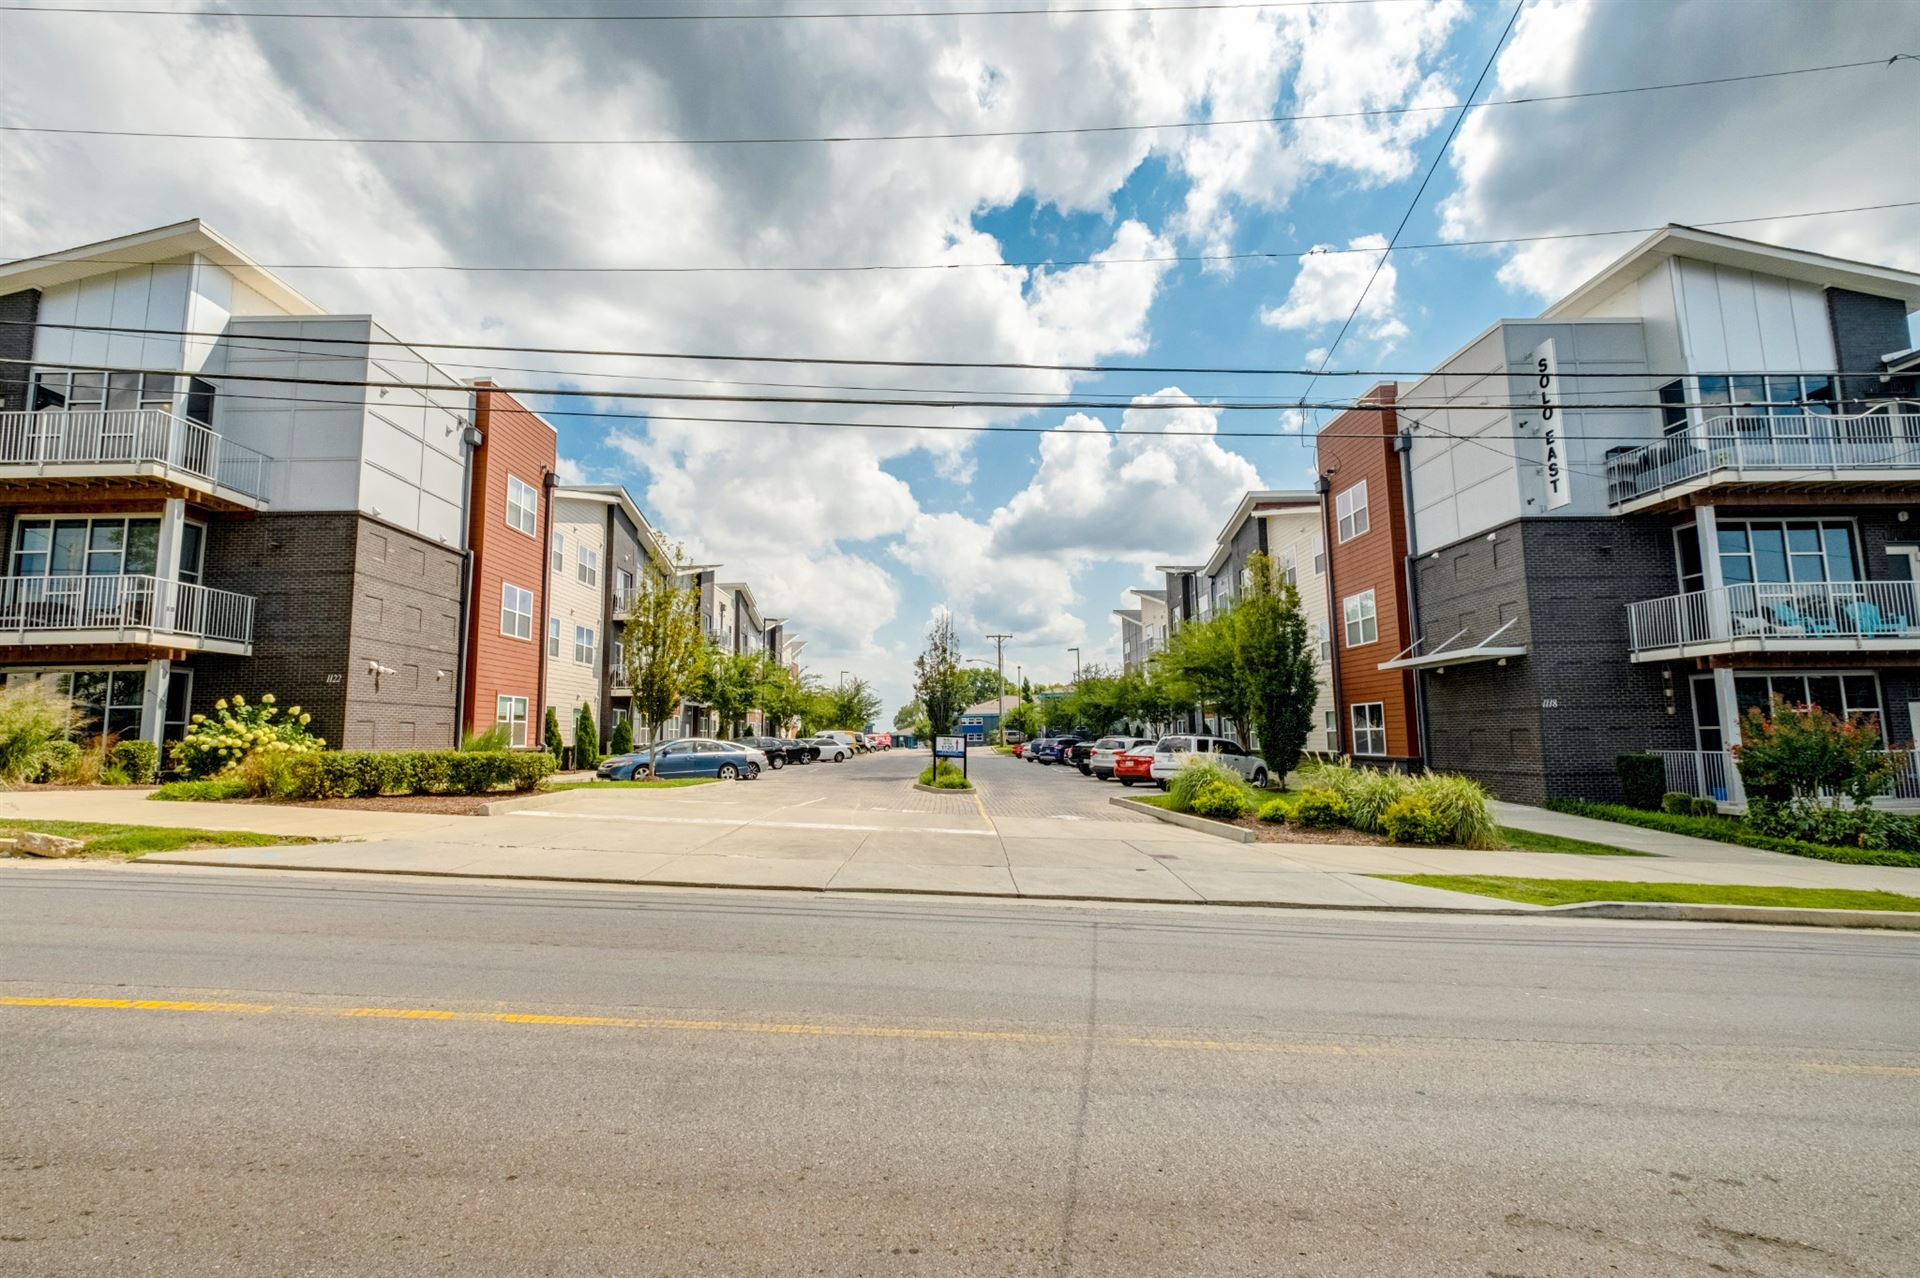 Photo of 1122 Litton Ave #207, Nashville, TN 37216 (MLS # 2178476)